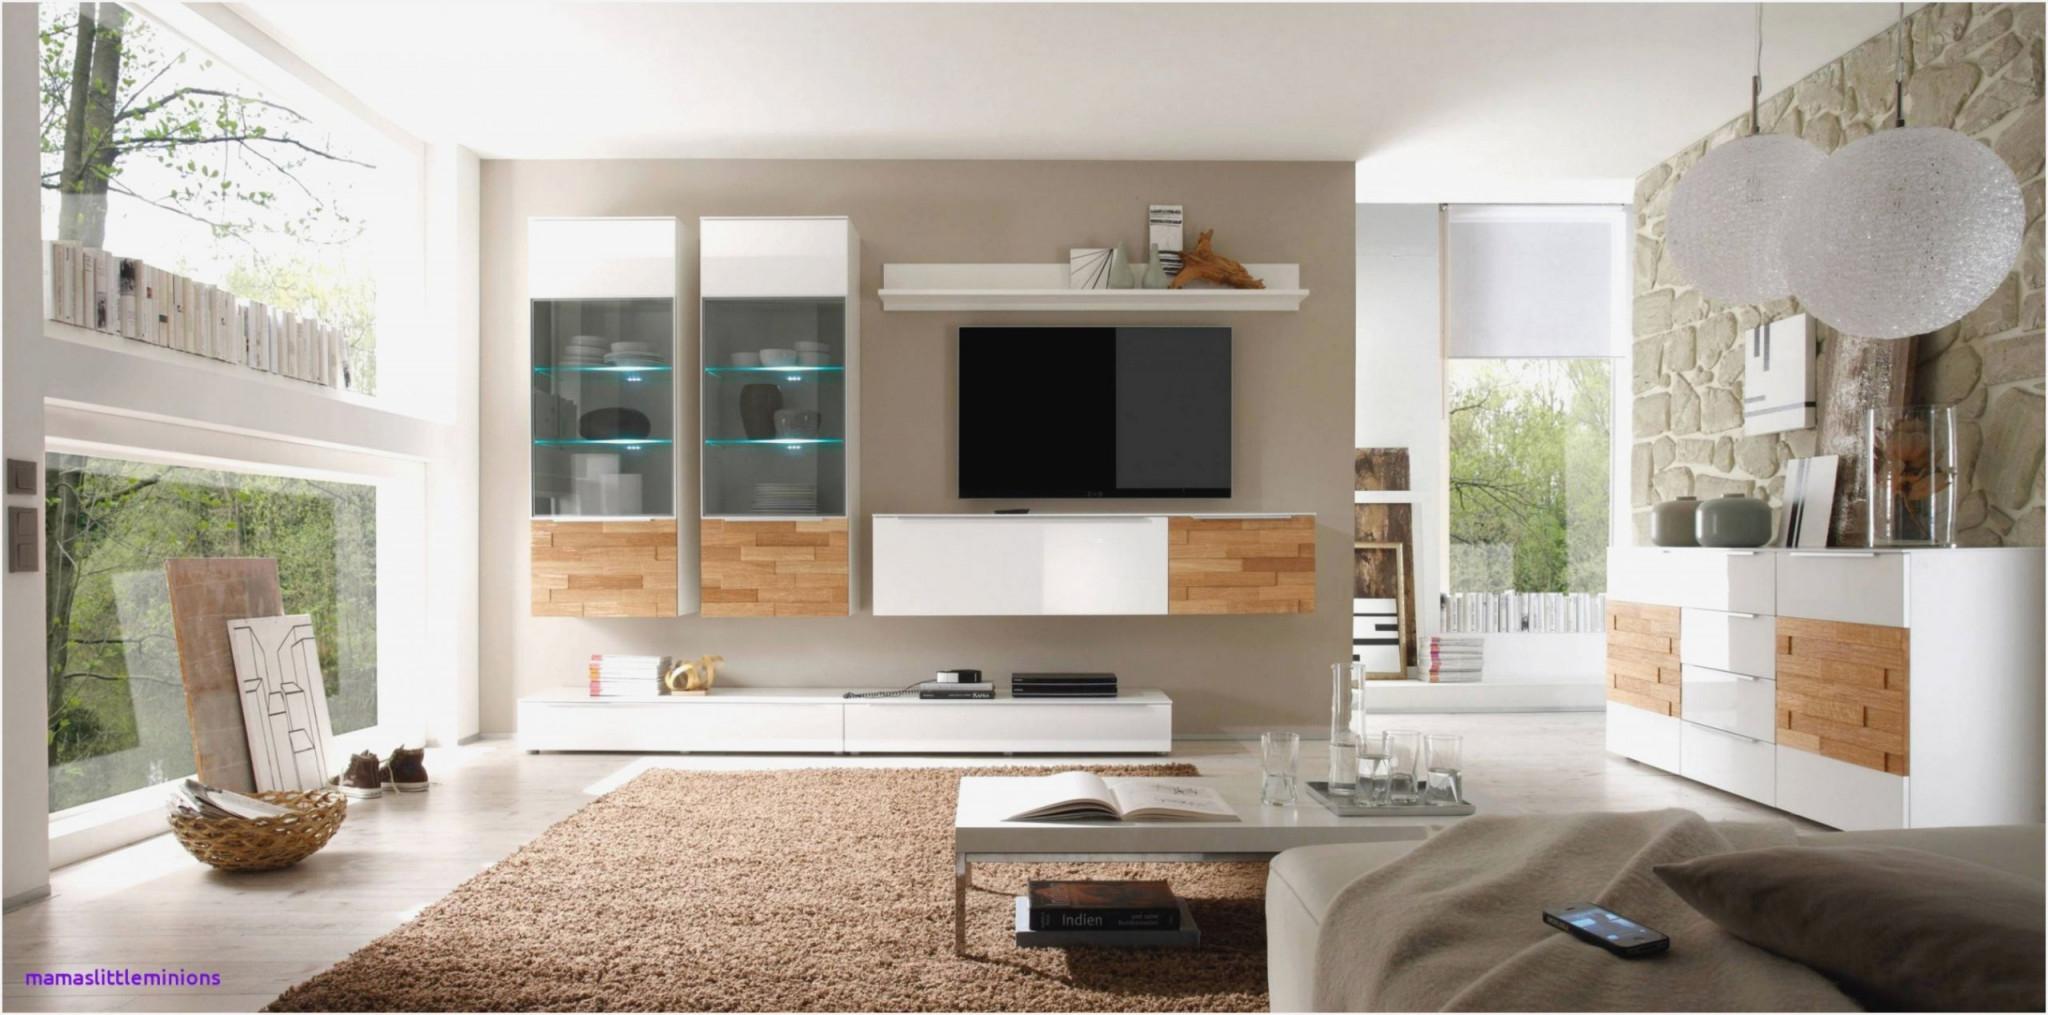 Lange Schmale Wohnzimmer Einrichten  Wohnzimmer  Traumhaus von Langes Schmales Wohnzimmer Einrichten Bild